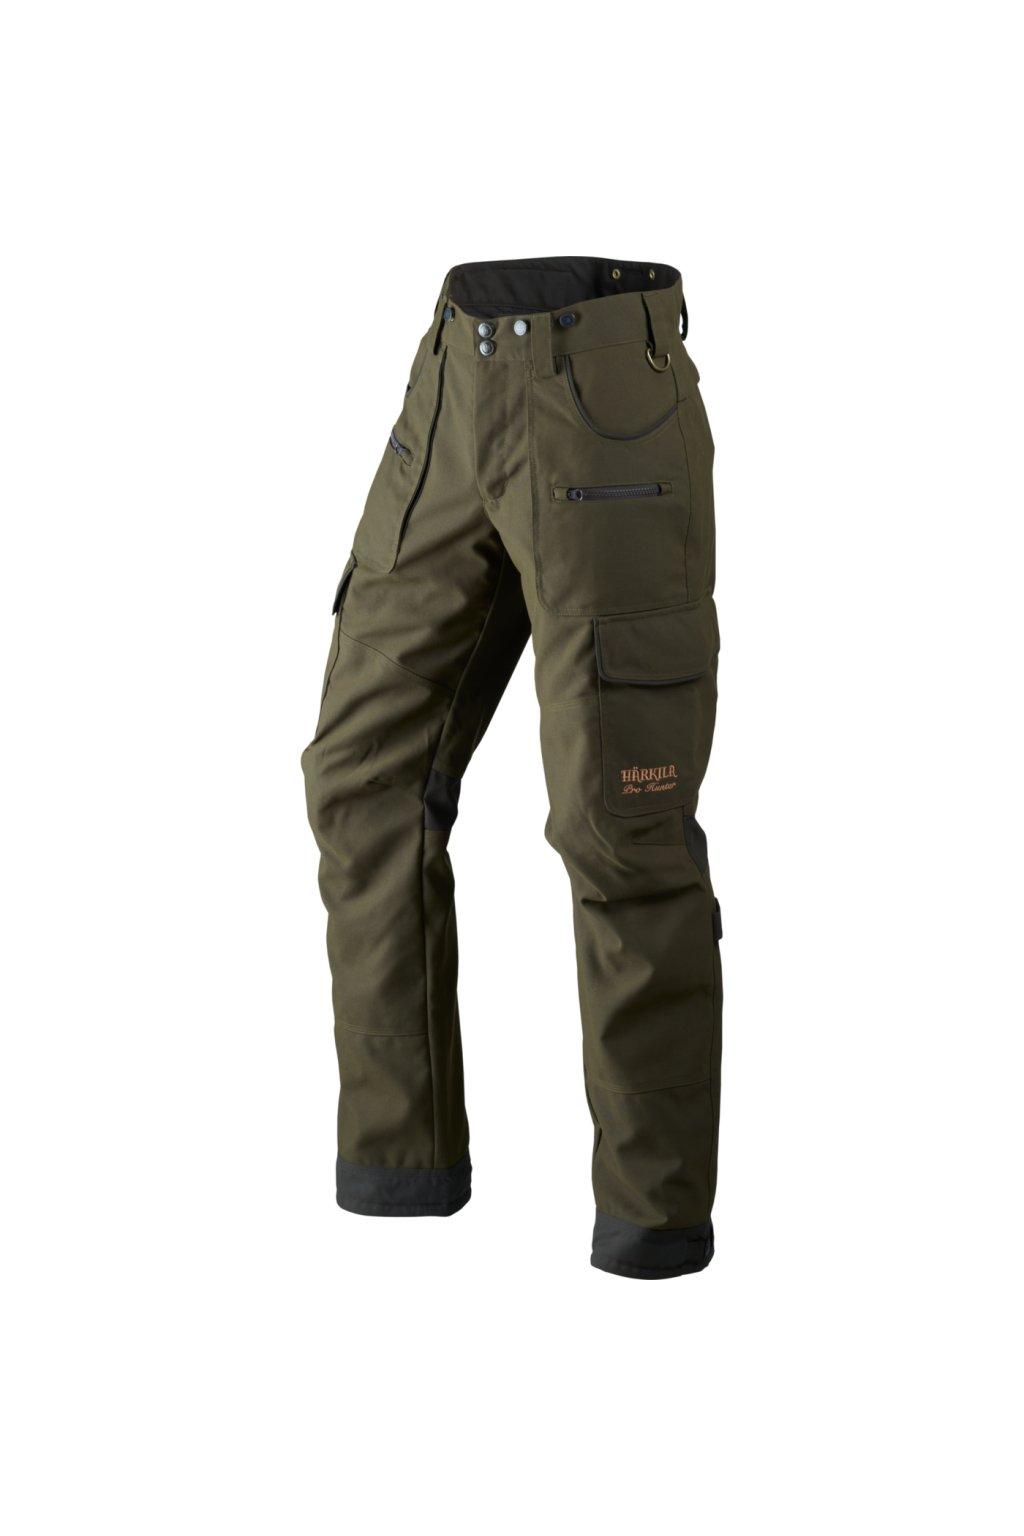 HÄRKILA - Pro Hunter Endure kalhoty pánské zelené